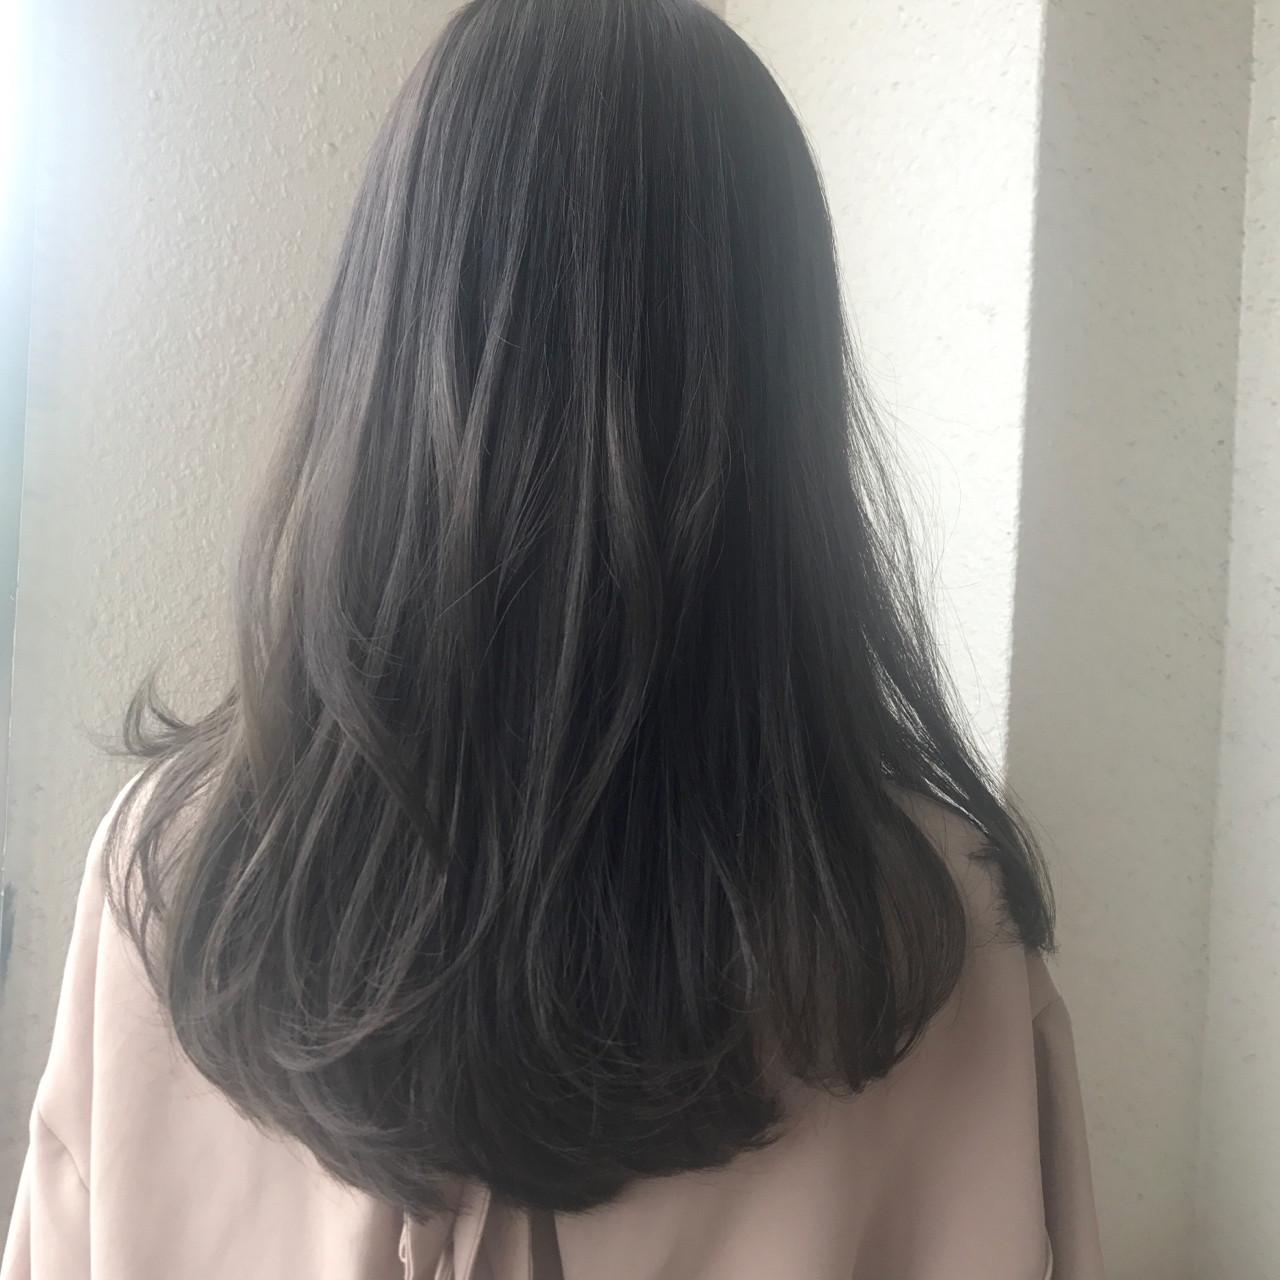 デート ナチュラル ヘアアレンジ 結婚式 ヘアスタイルや髪型の写真・画像   Mirai / enntaku